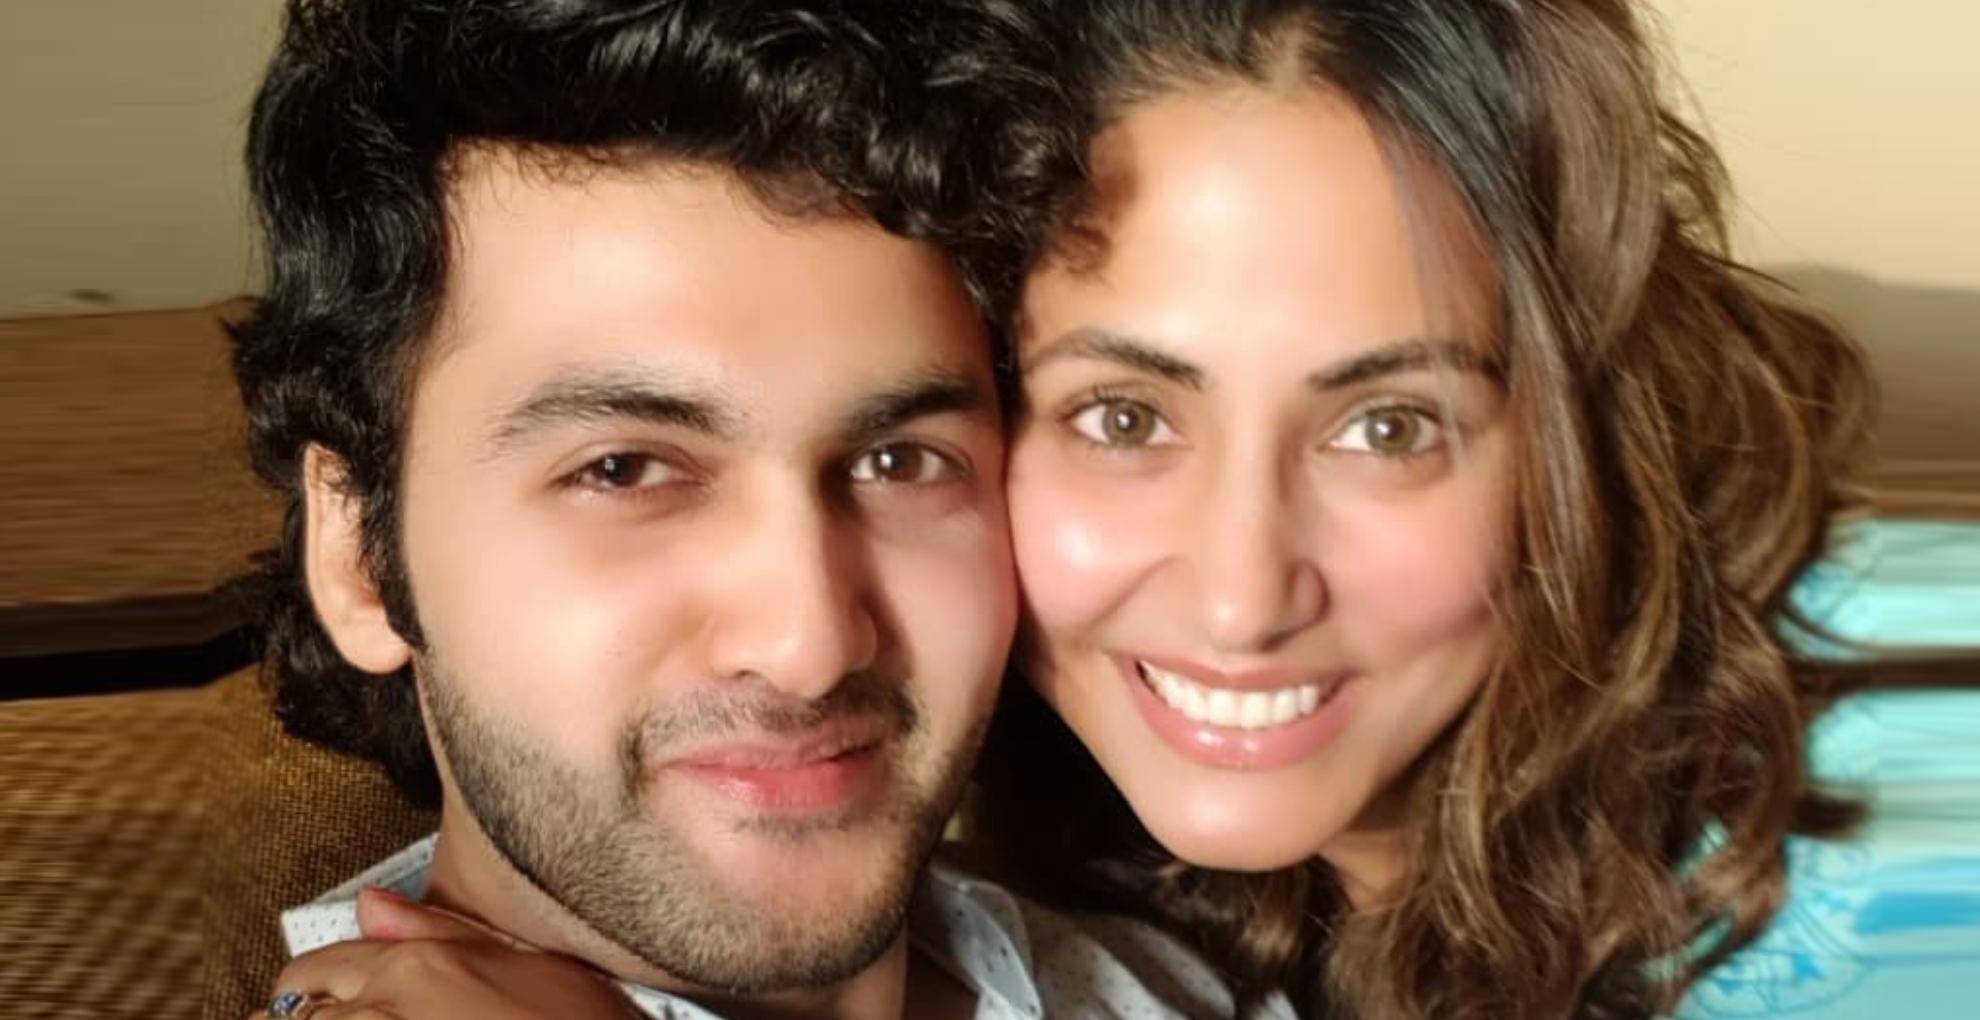 ये रिश्ता क्या कहलाता है के एक्टर ने हिना खान संग शेयर की तस्वीर, दोनों कोस्टार के बीच दिखी खूबसूरत बॉन्डिंग